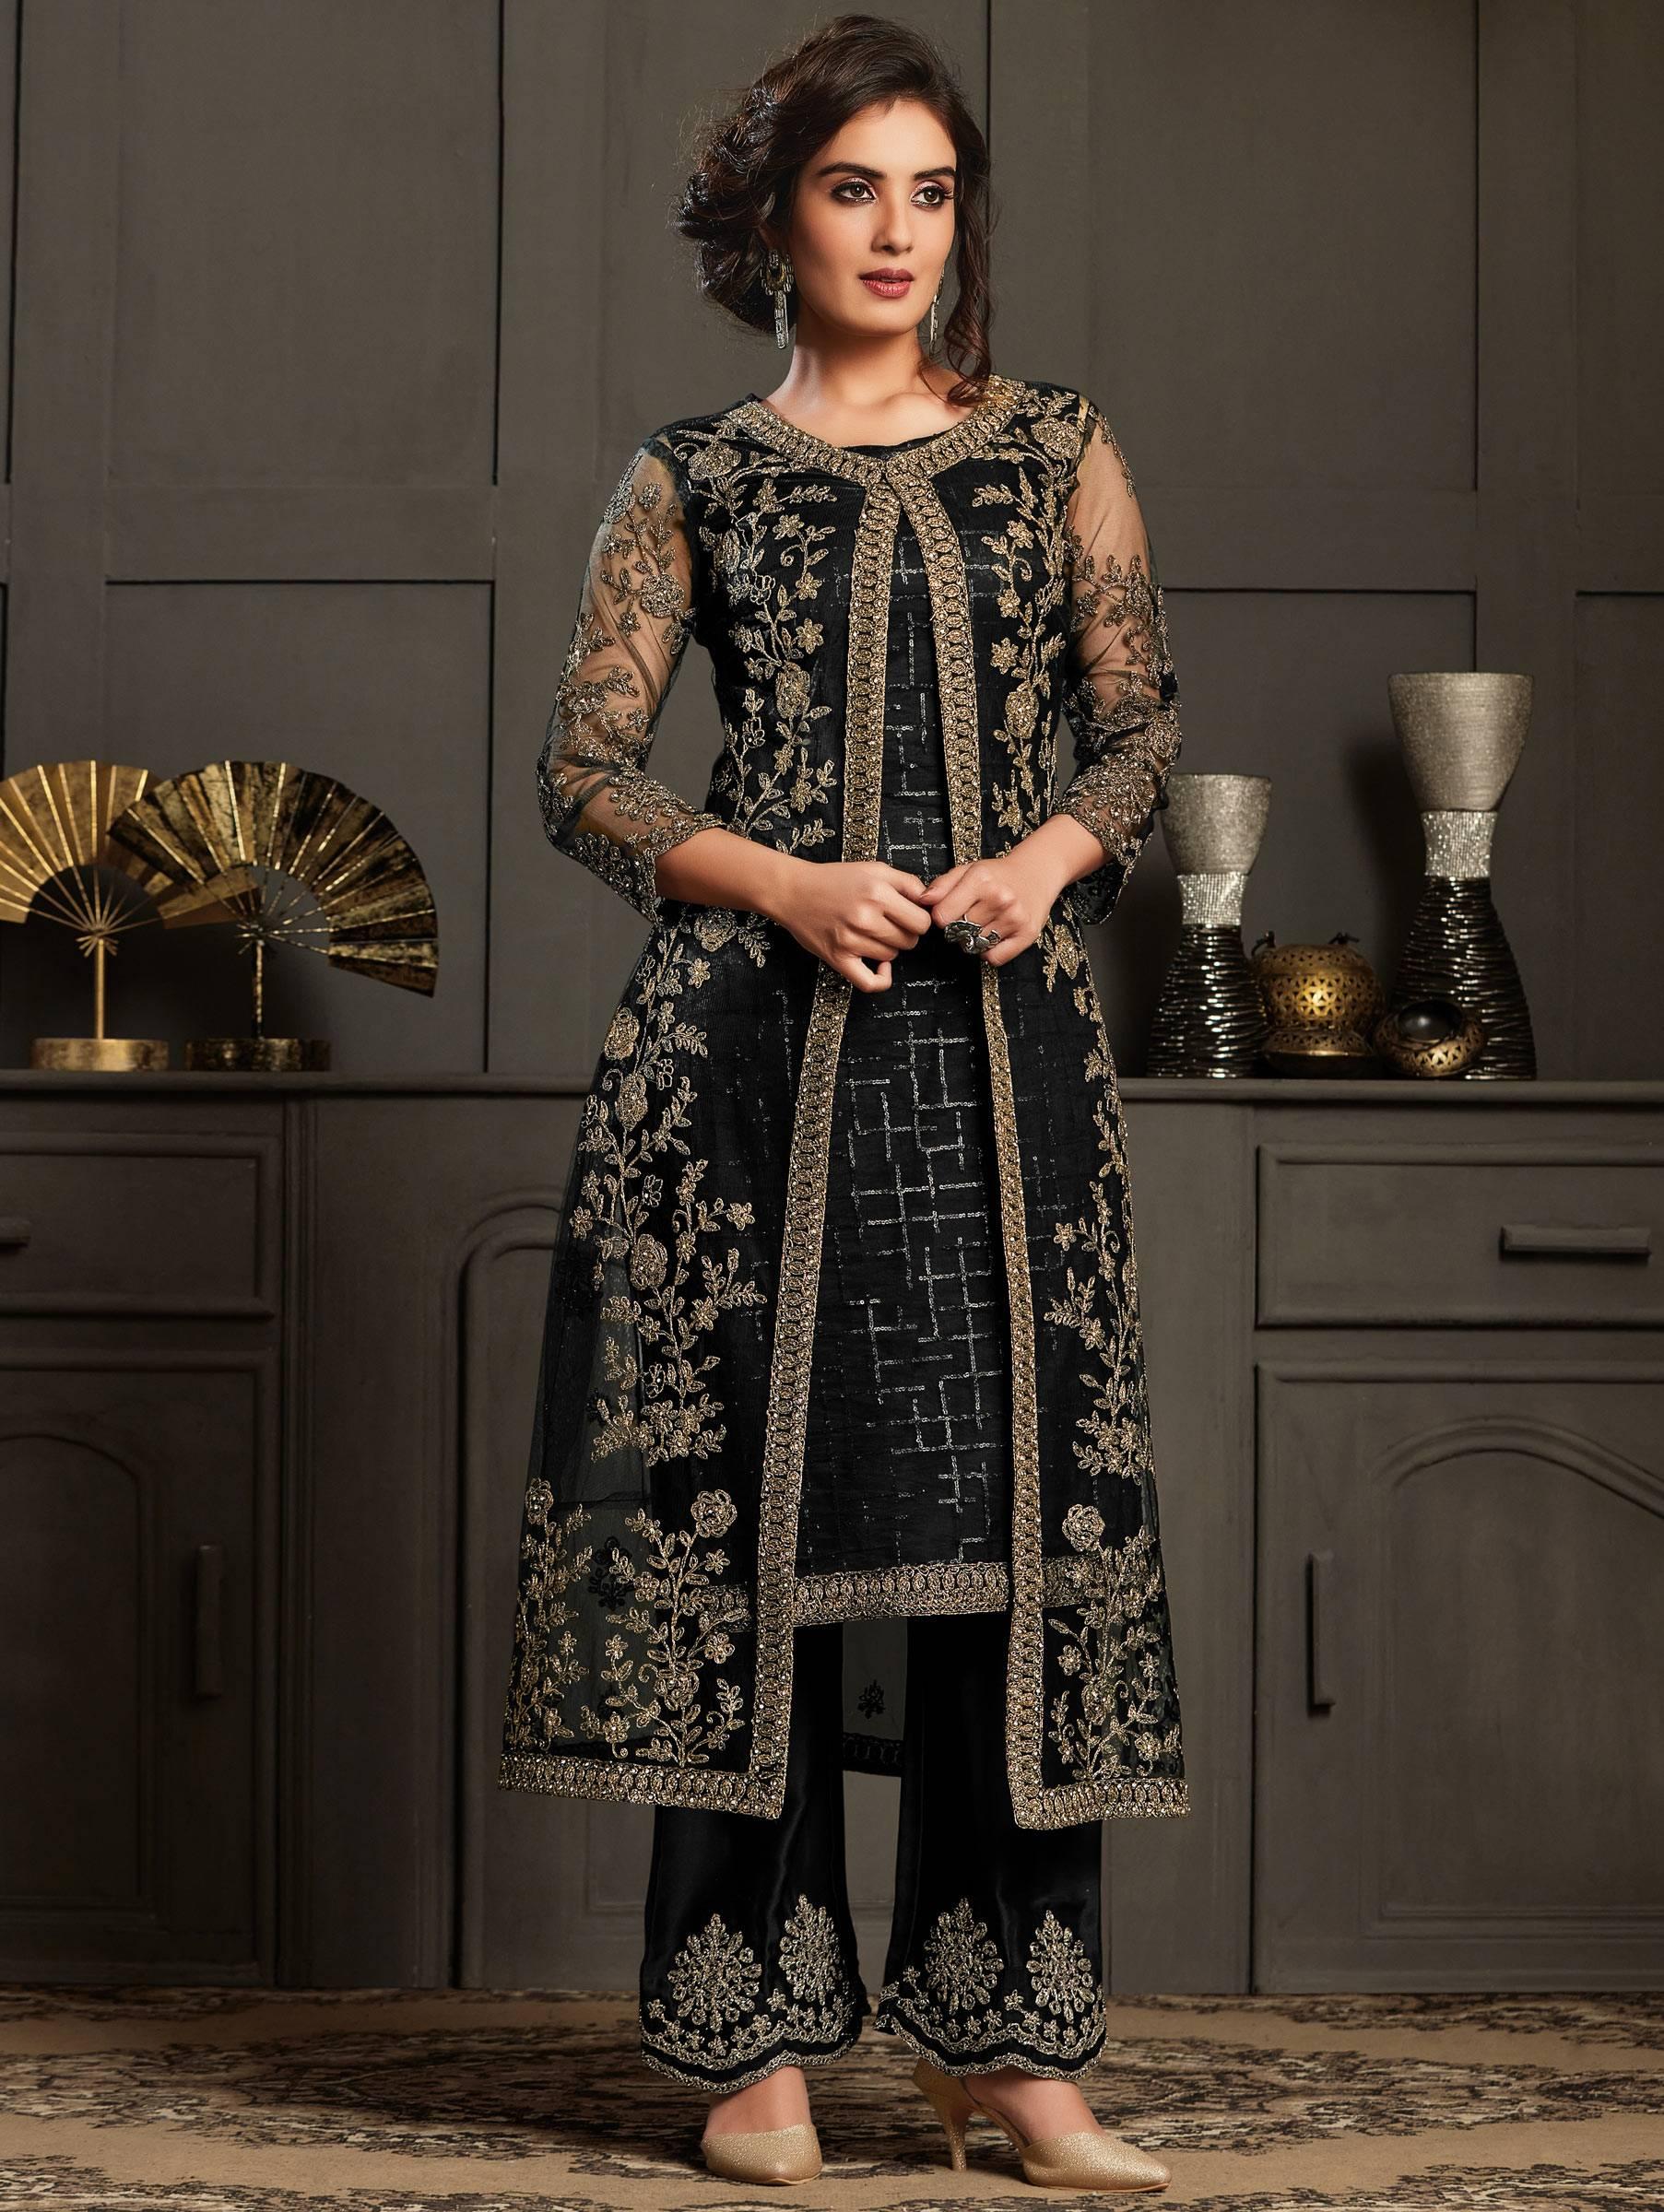 Party Wear Black Net Salwar Suit Design Images